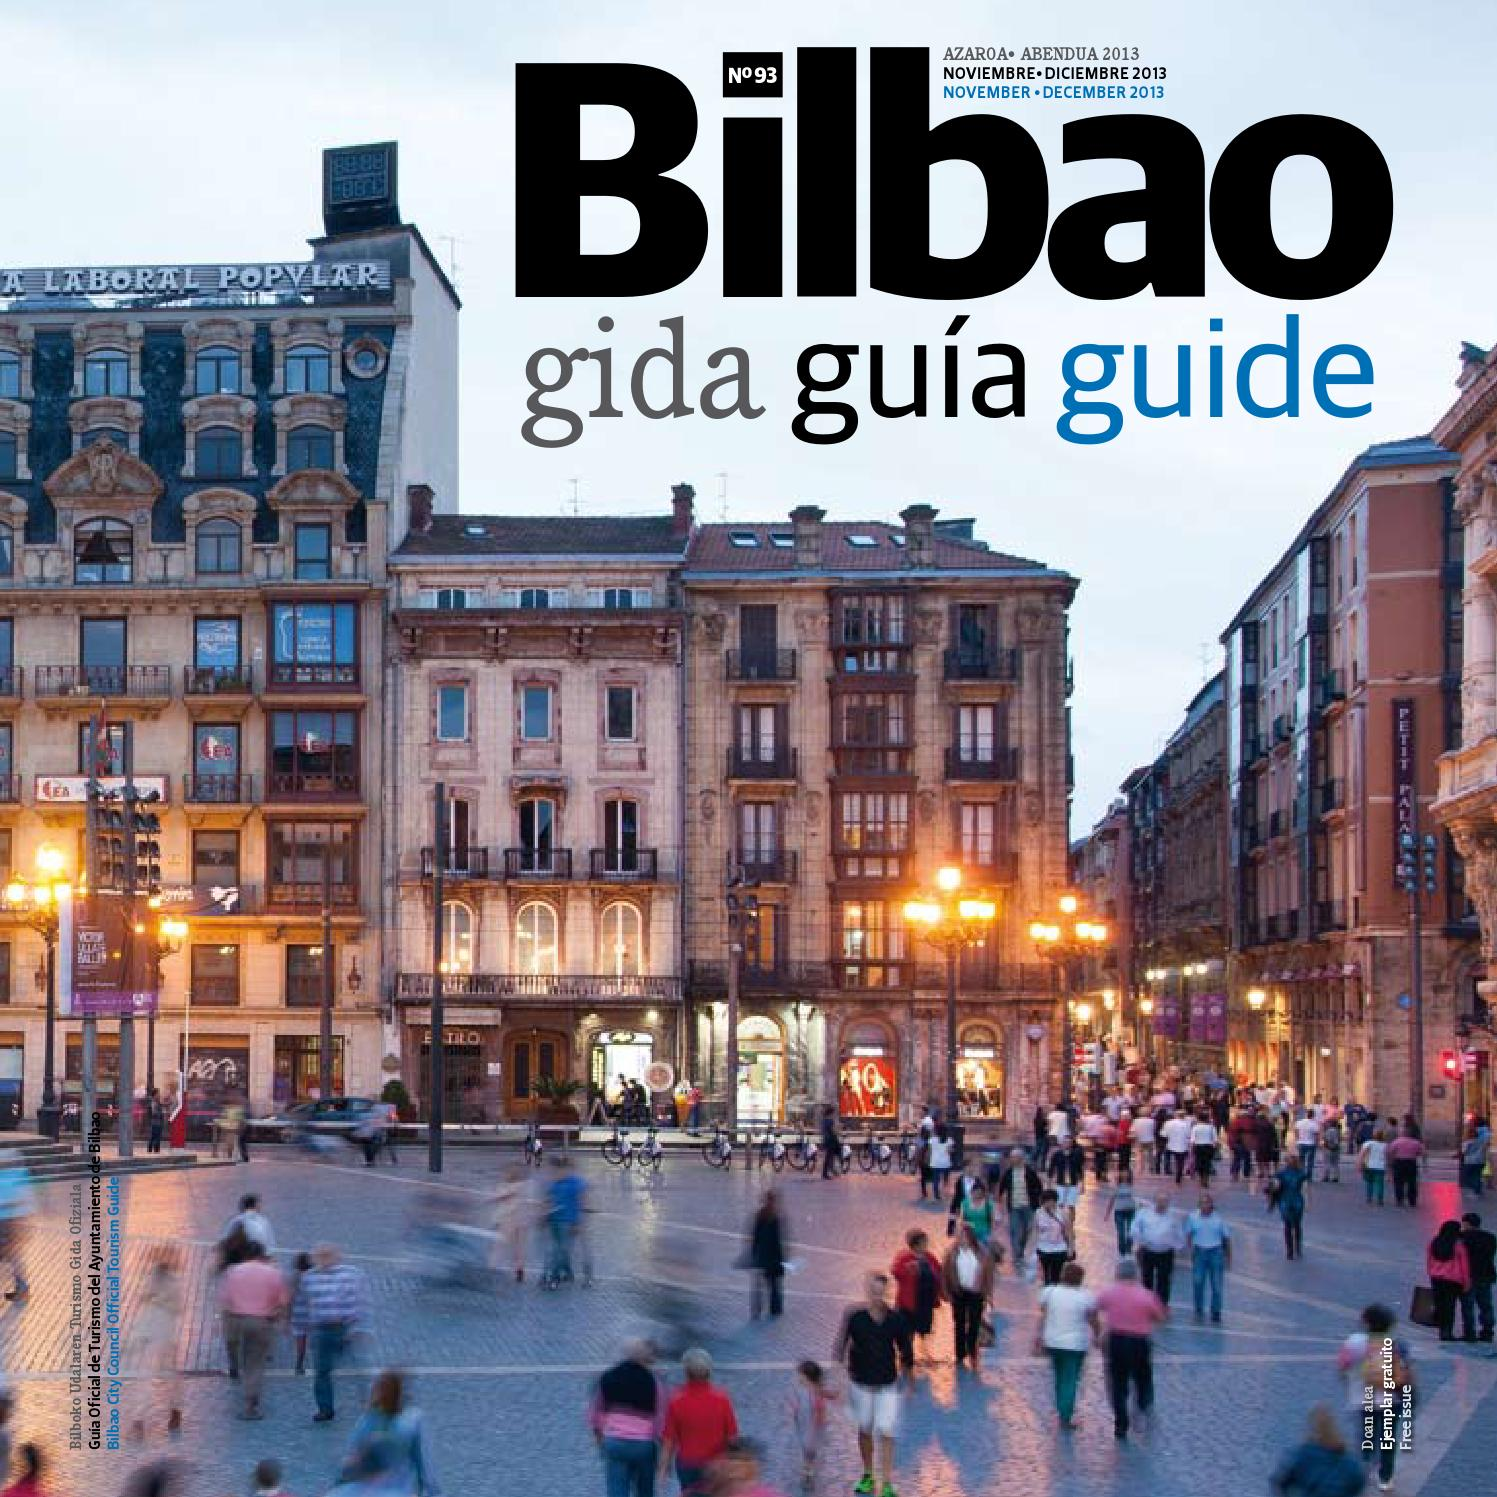 Bilbao gida guia guide by Bilbao Turismo - issuu 3c456c4dec2